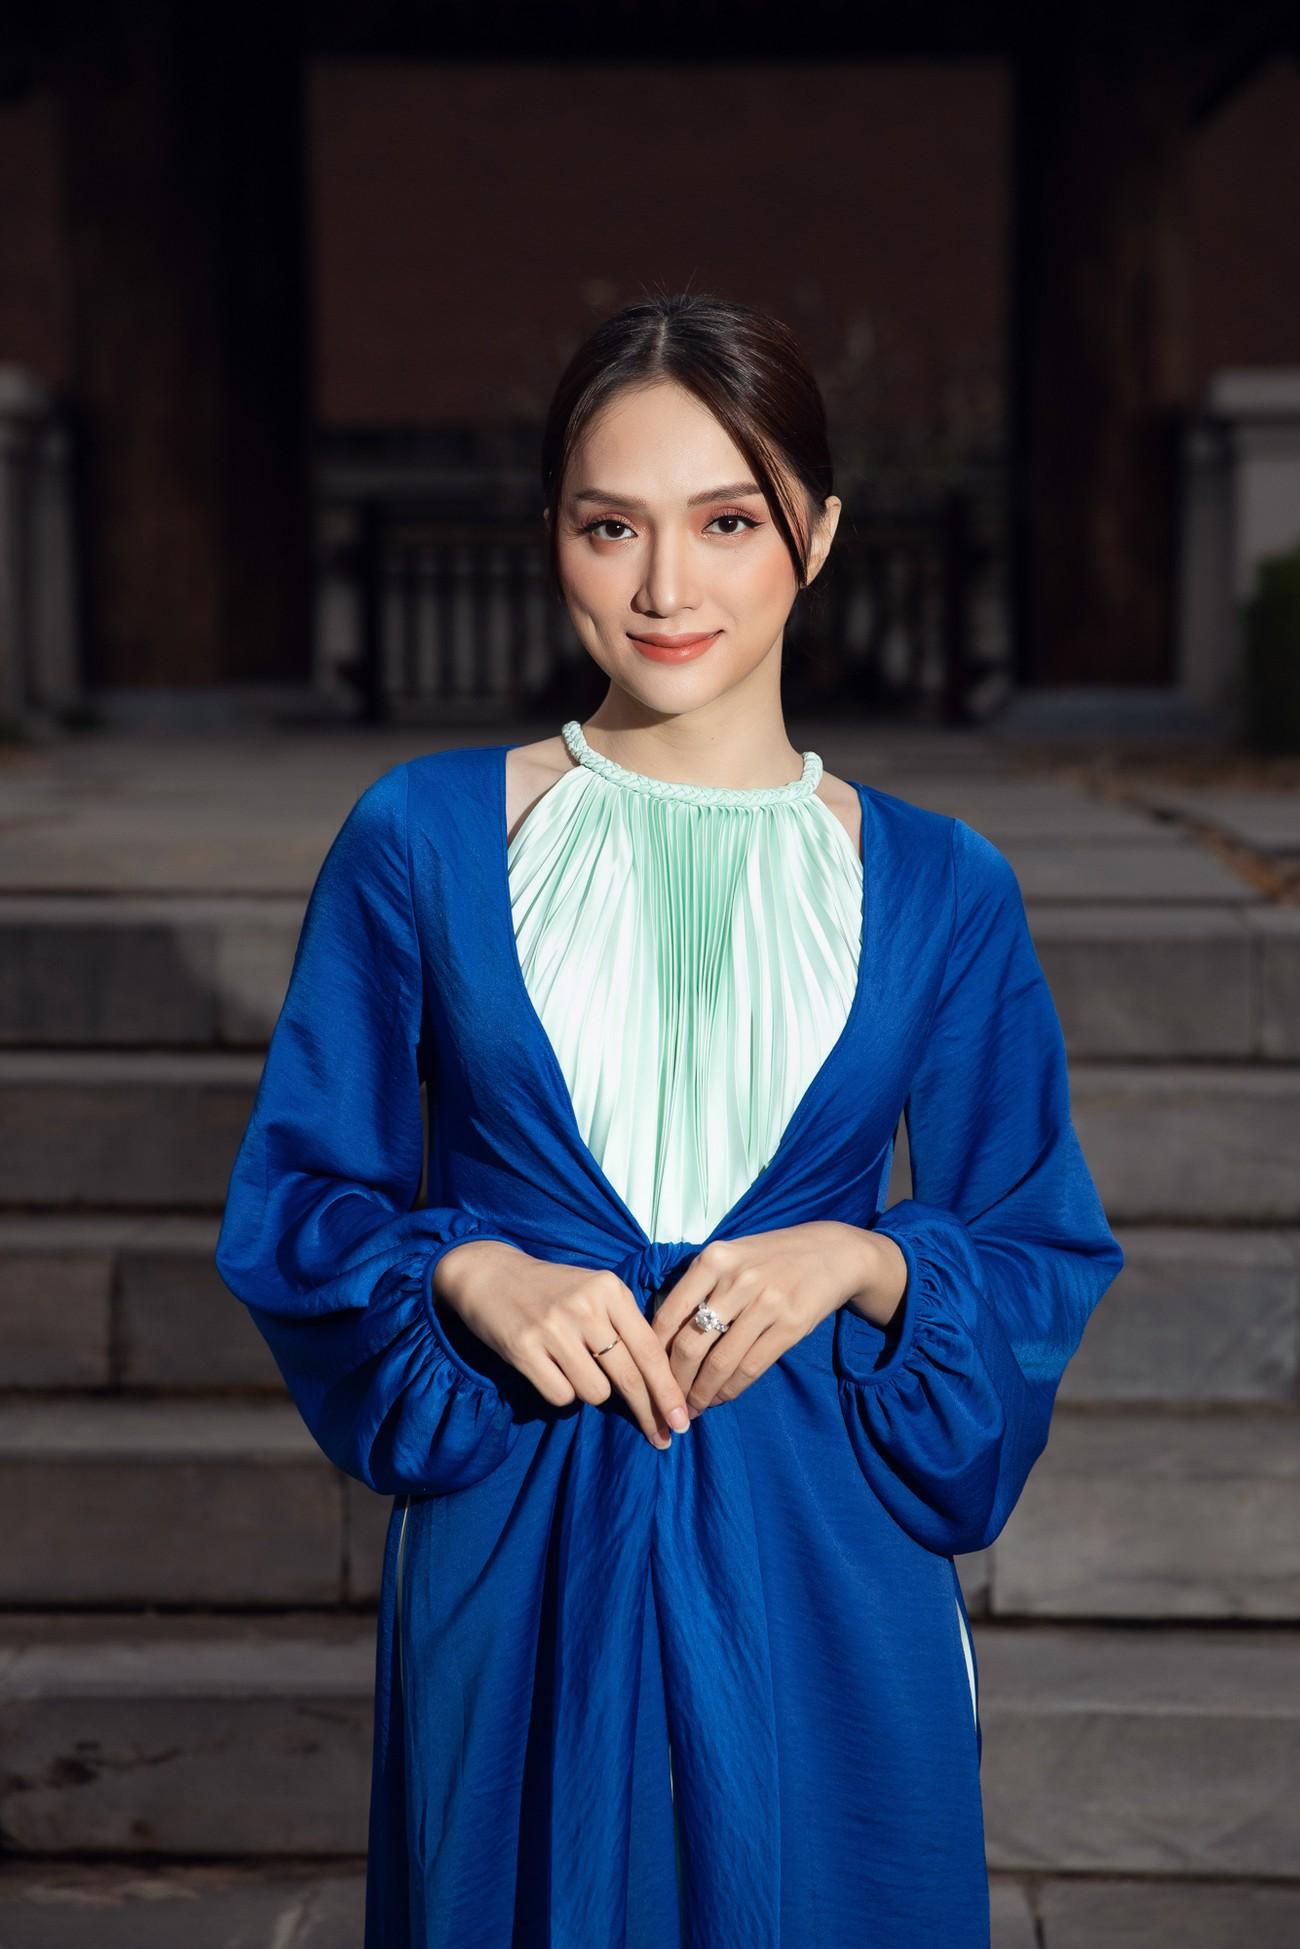 Tiểu Vy, Đỗ Mỹ Linh cùng dàn hậu mặc váy yếm quyến rũ giữa tiết trời lạnh giá ảnh 12